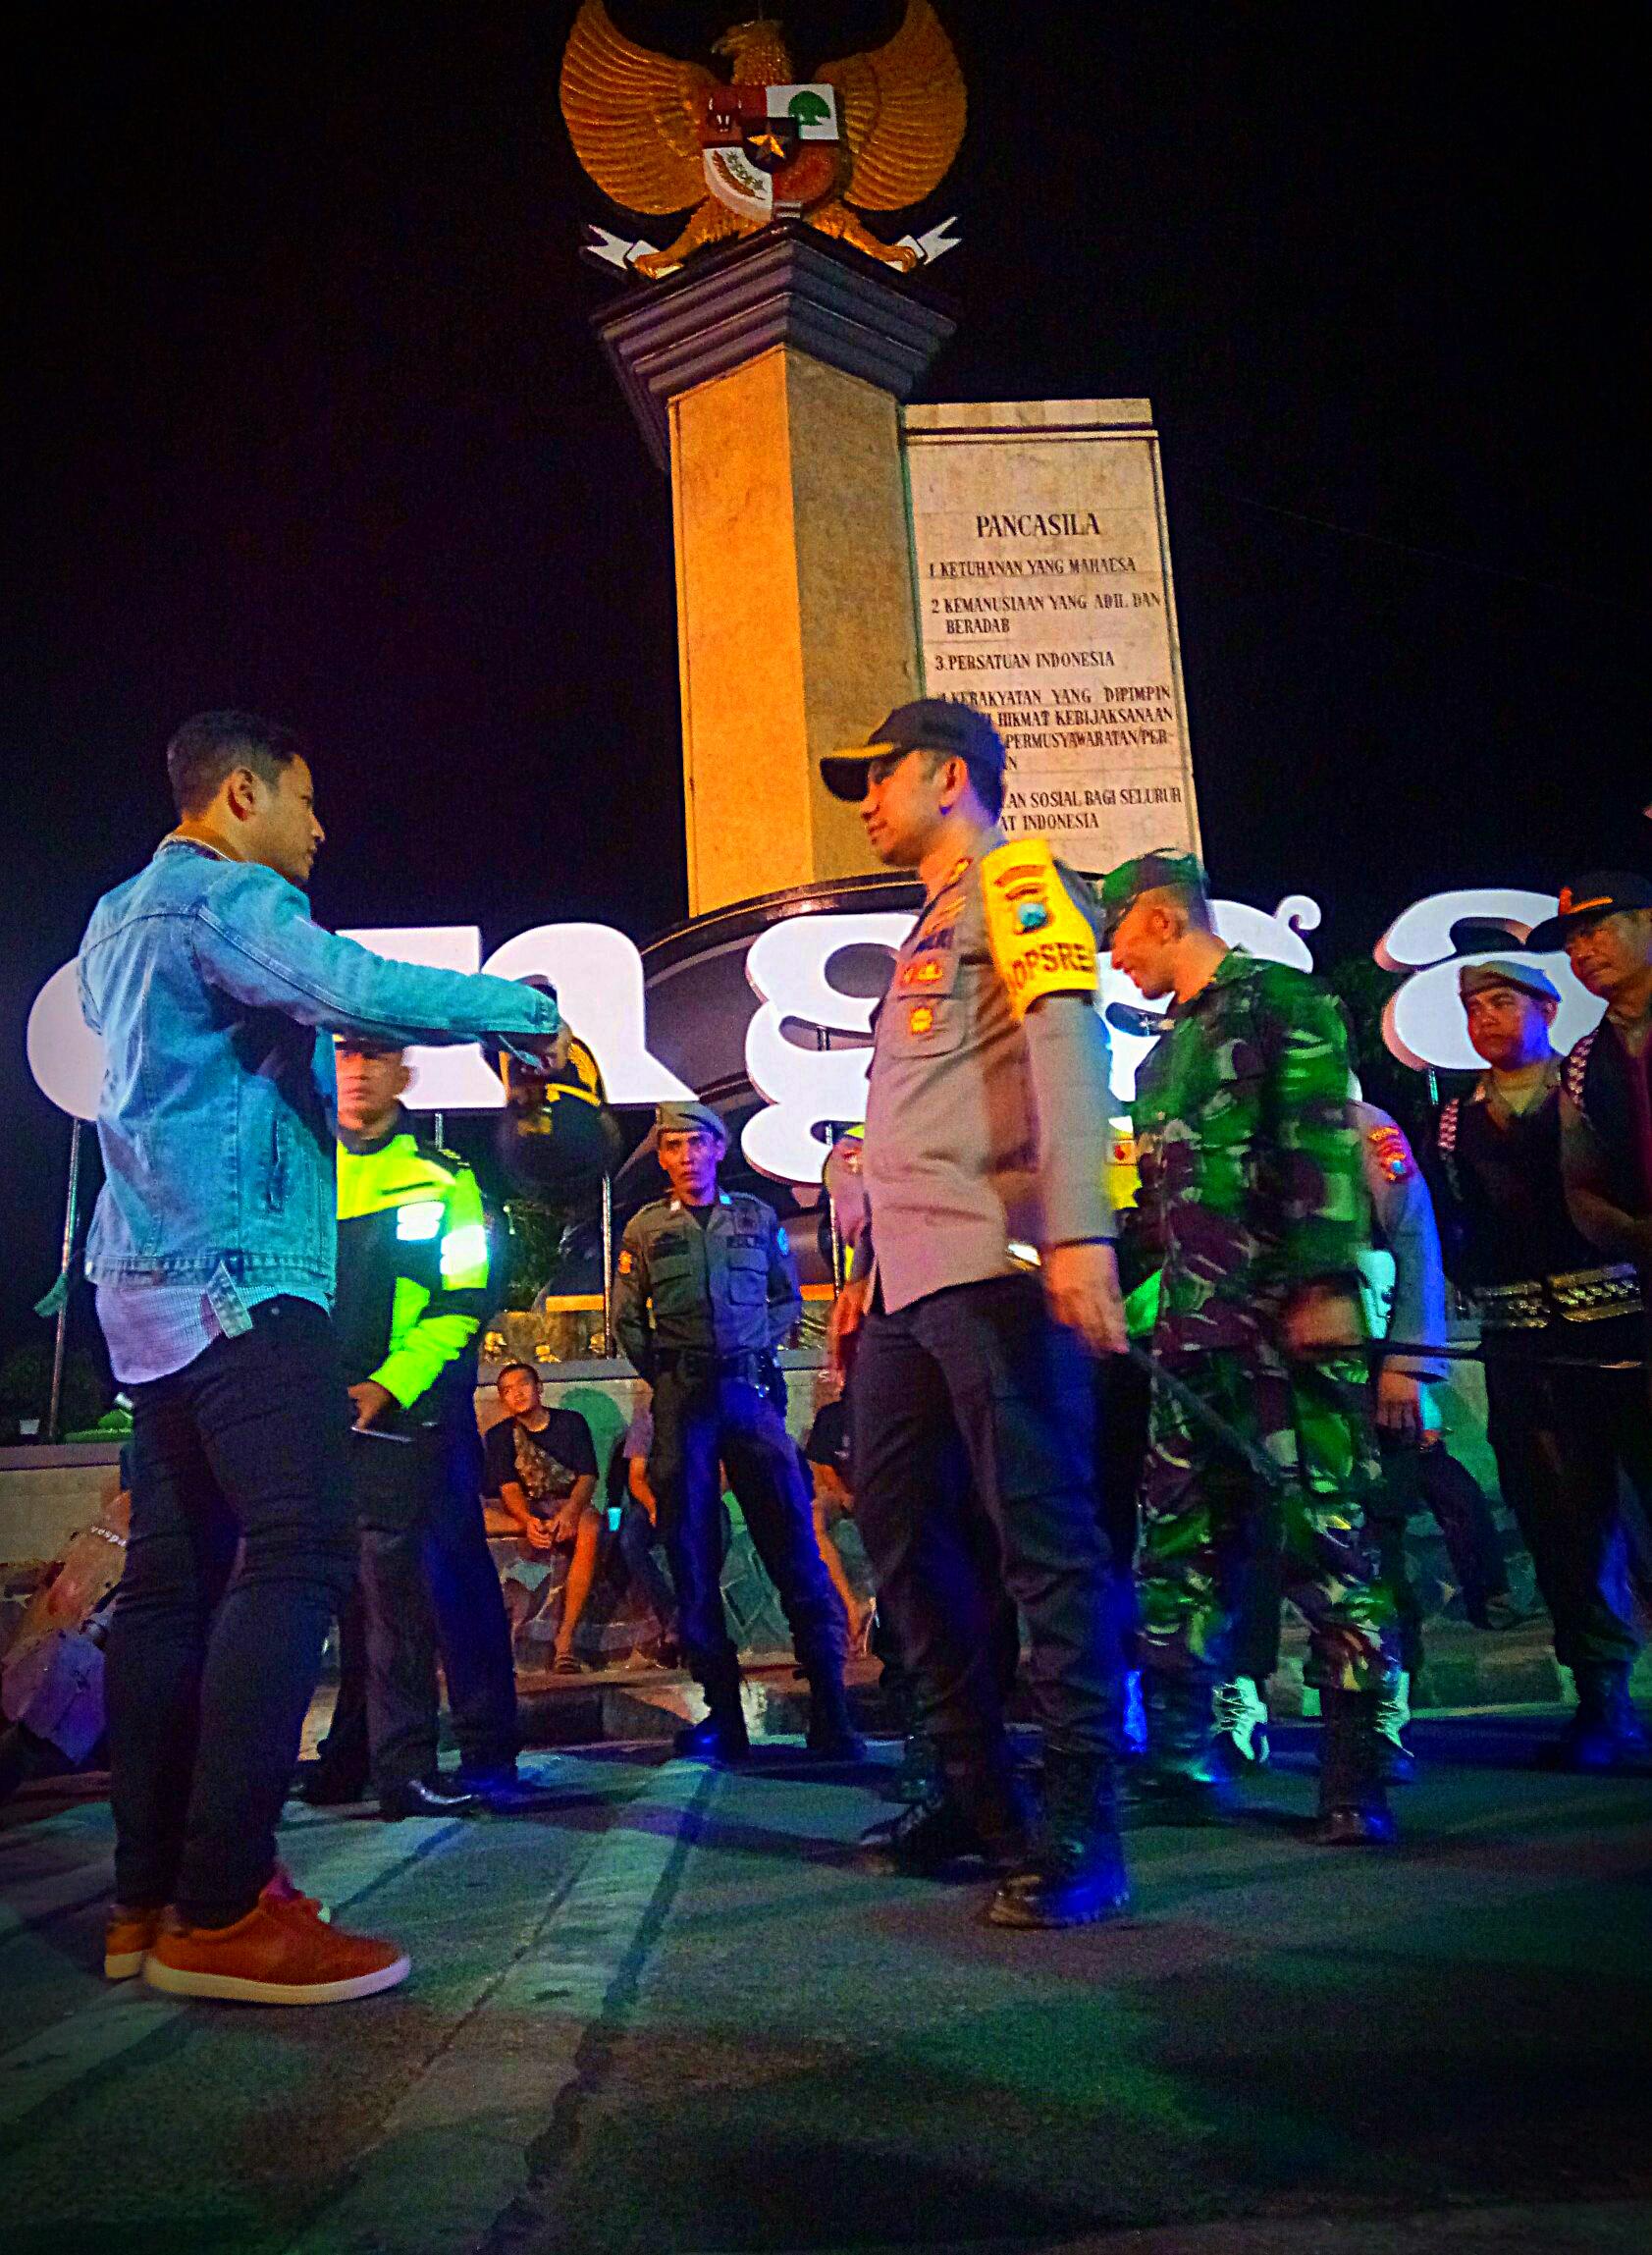 Jelang Pelantikan Presiden, Polres Trenggalek Gelar Patroli Gabungan Sekala Besar